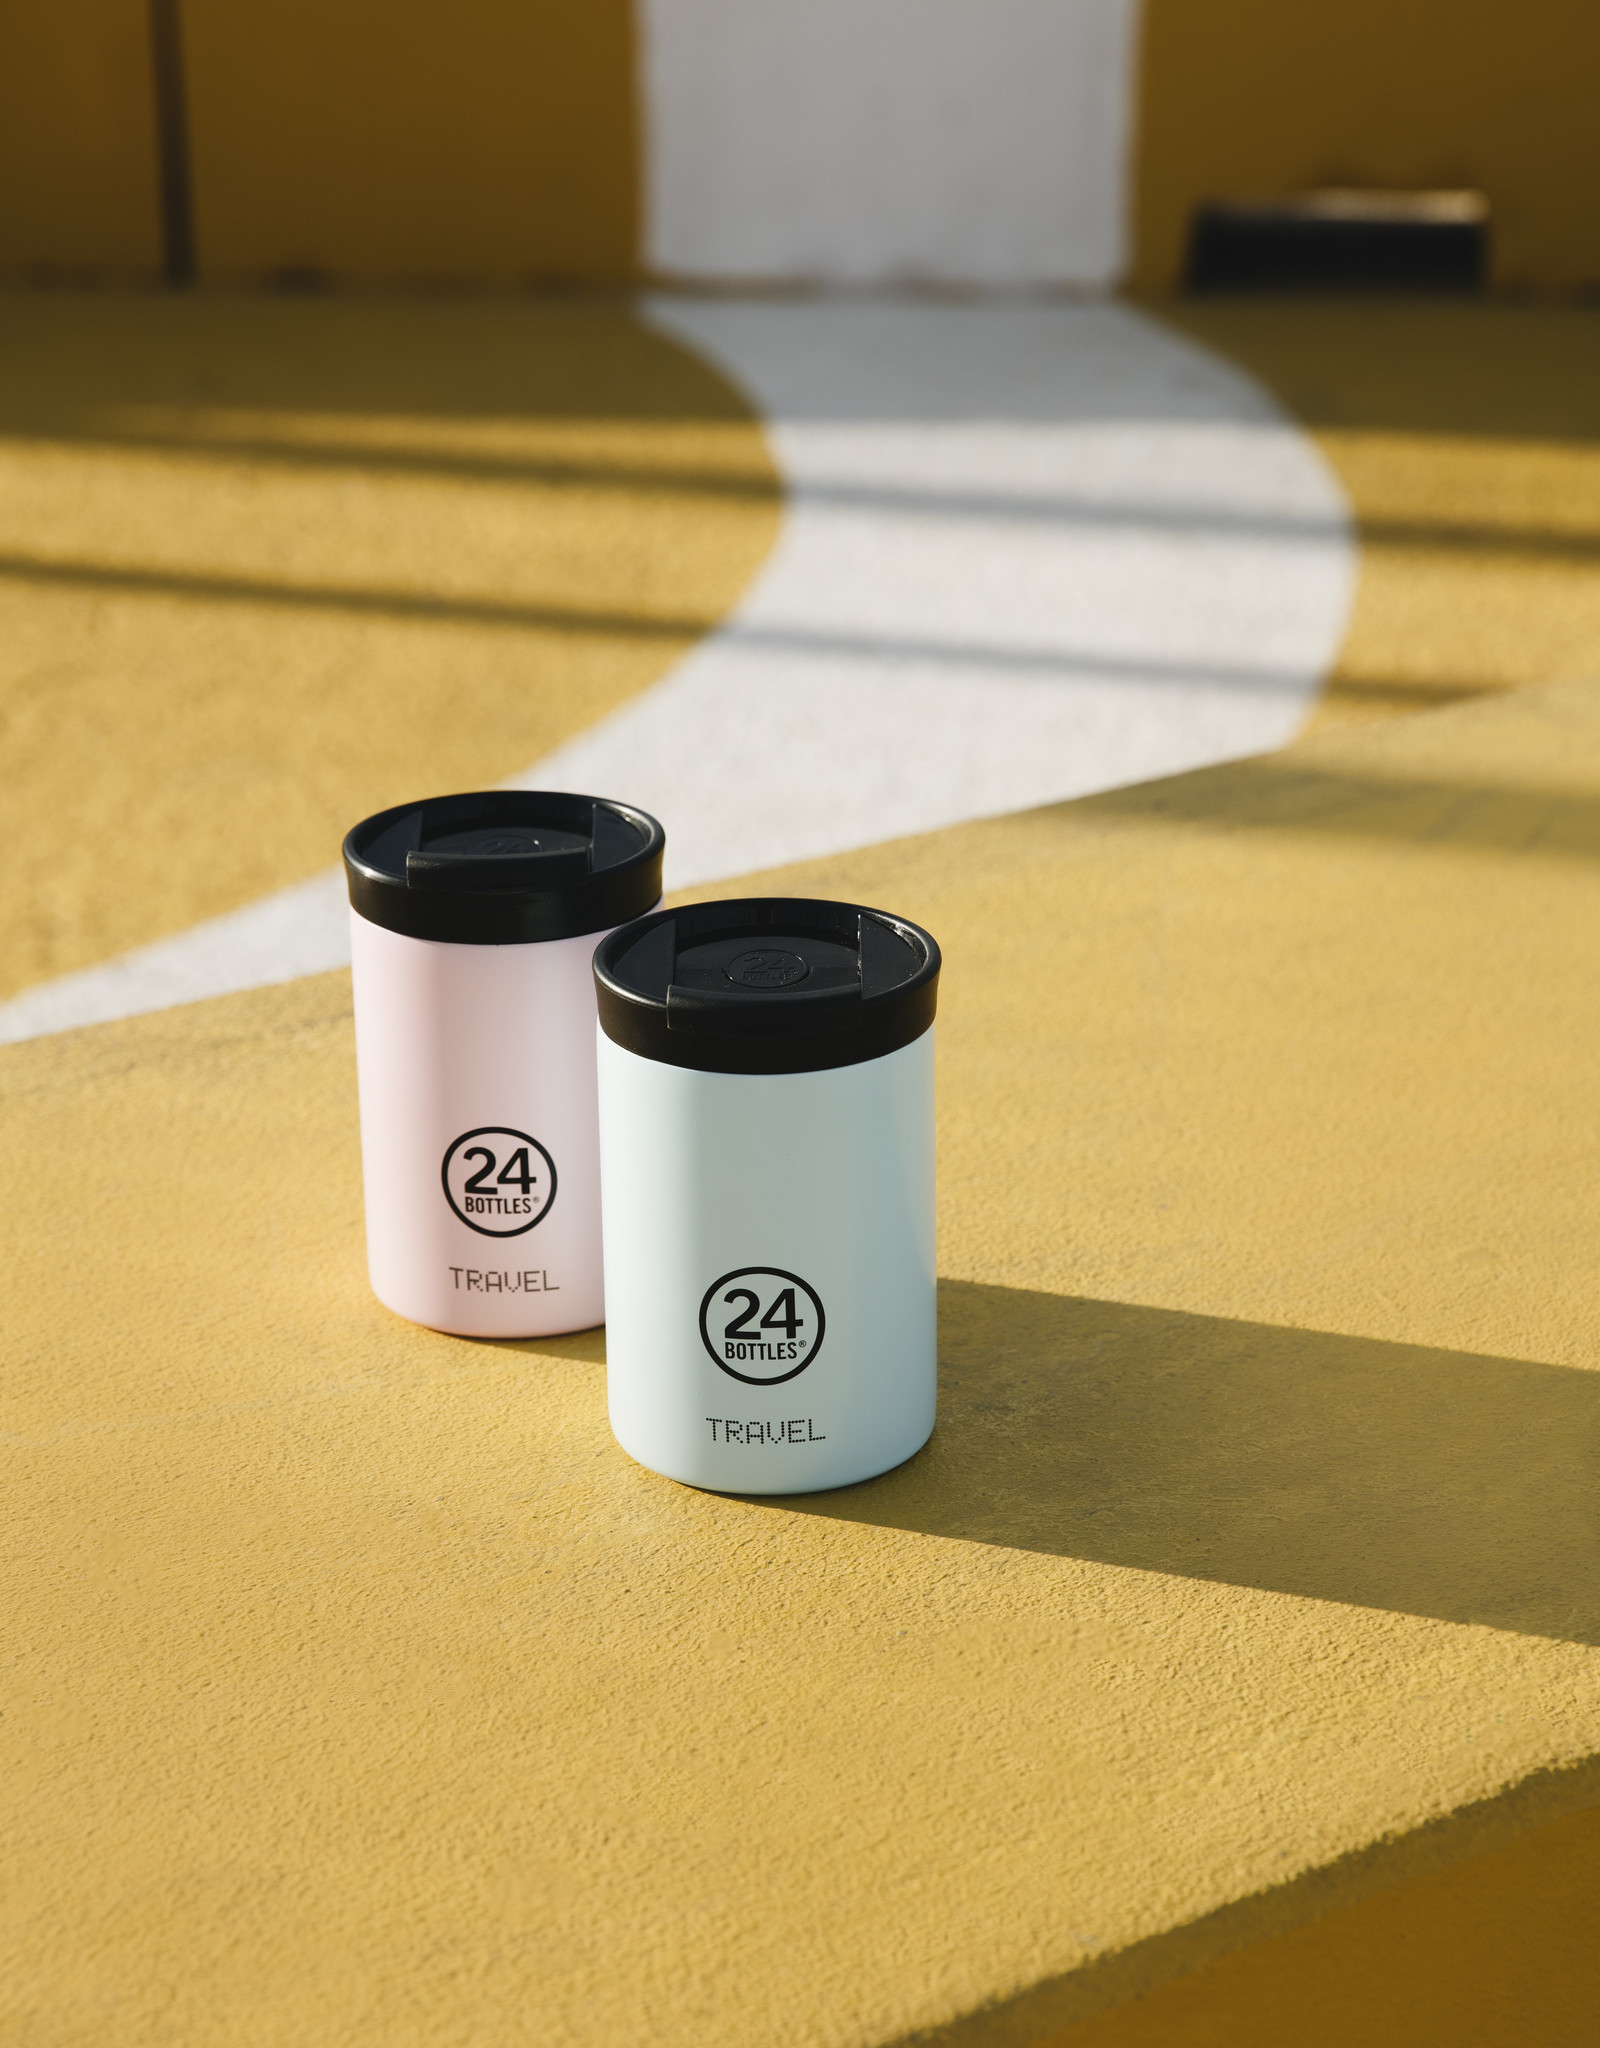 24 bottles Travel tumbler koffiebeker - Candy pink 350 ml